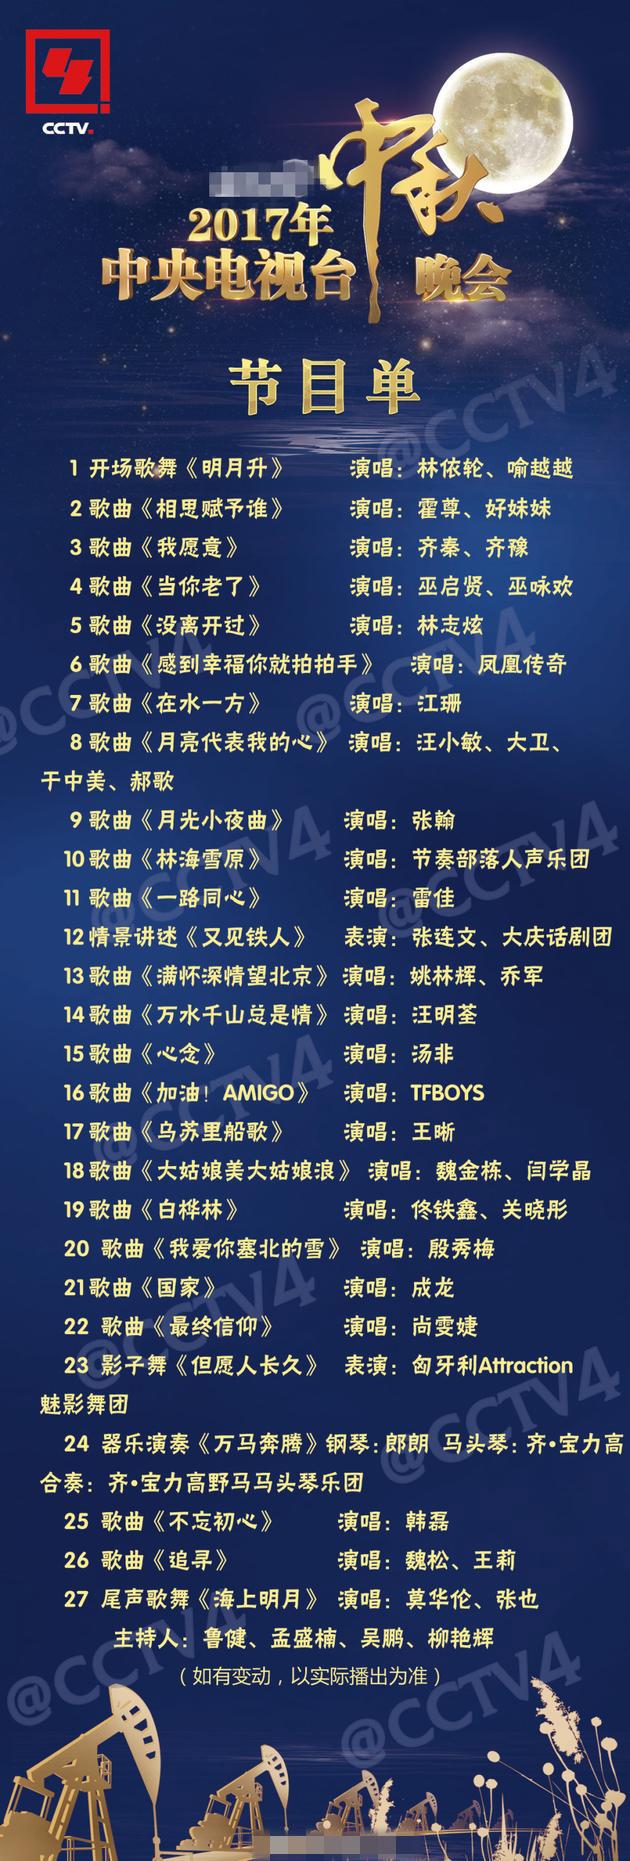 2017央视中秋晚会名单 tfboys嘉宾出场顺序一览